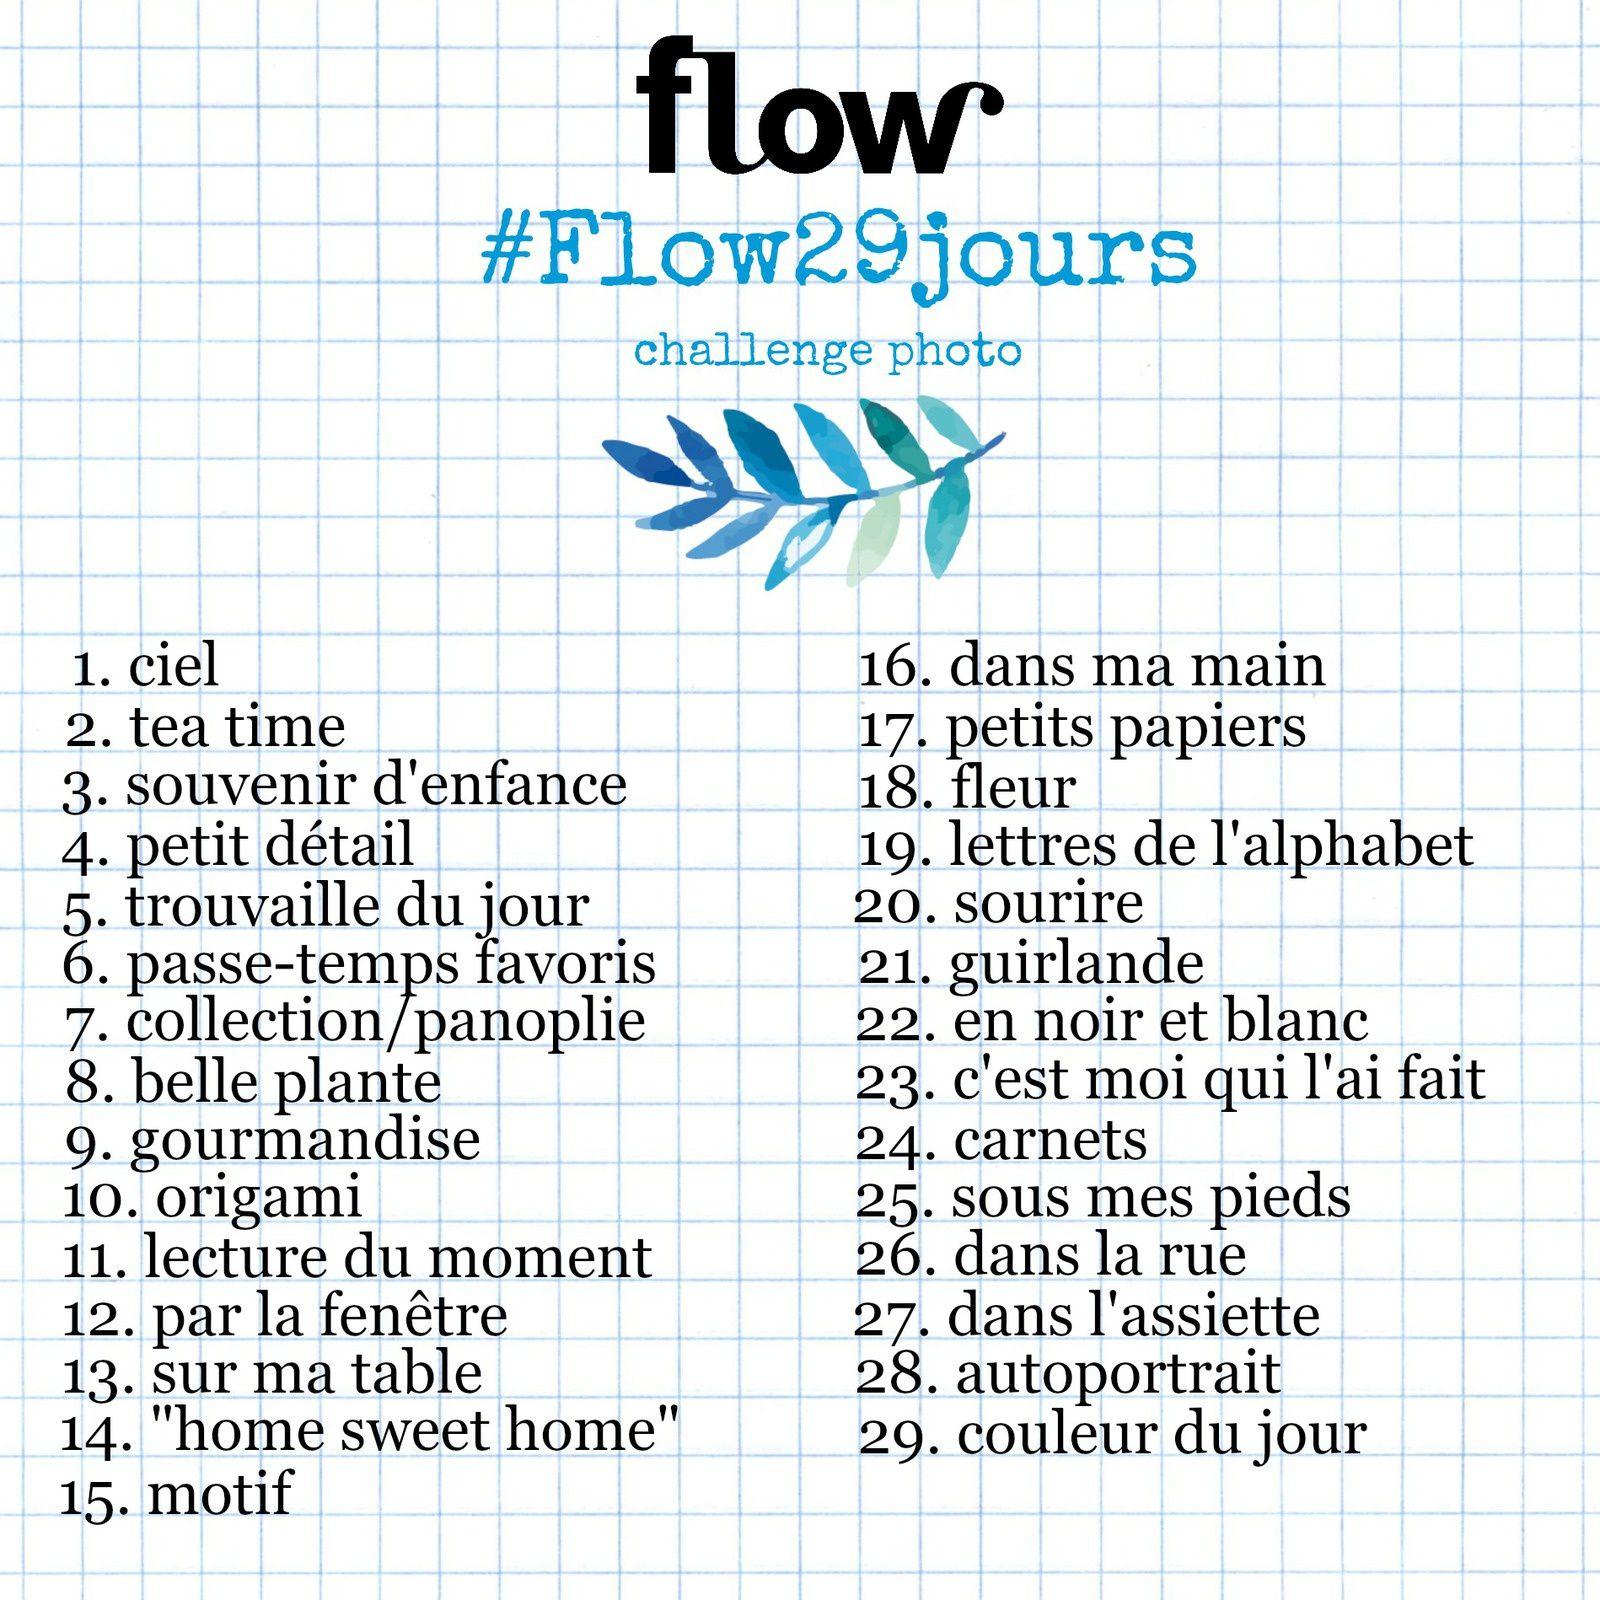 #Flow29jours  25.sous mes pieds